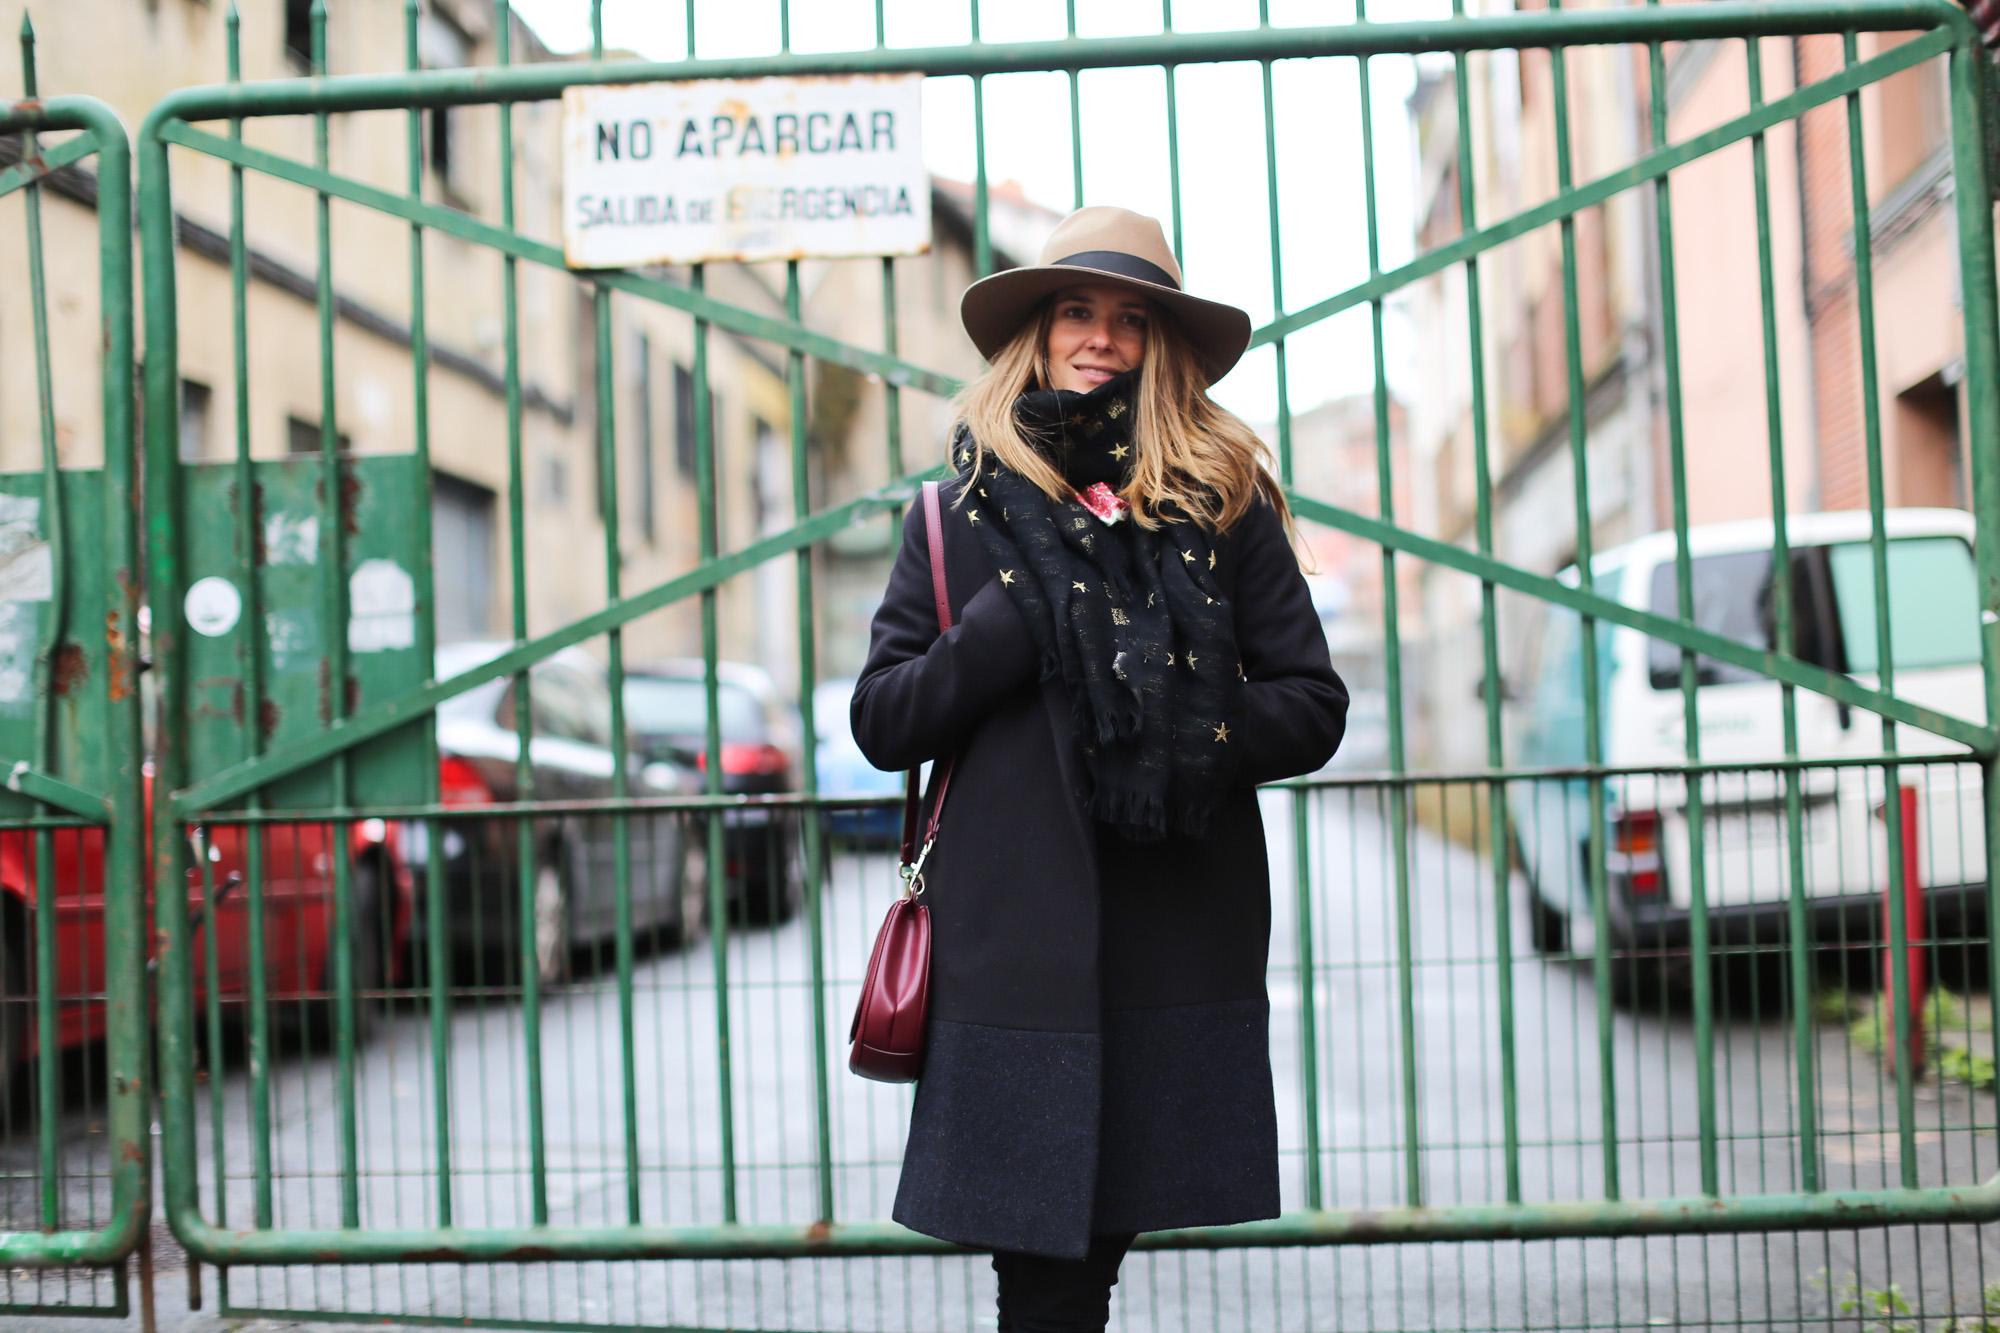 Clochet_fashionblogger_streetstyle_coswoolcoat_purificaciongarciapañuelodeseda_bolsobandolerawestfalia-3